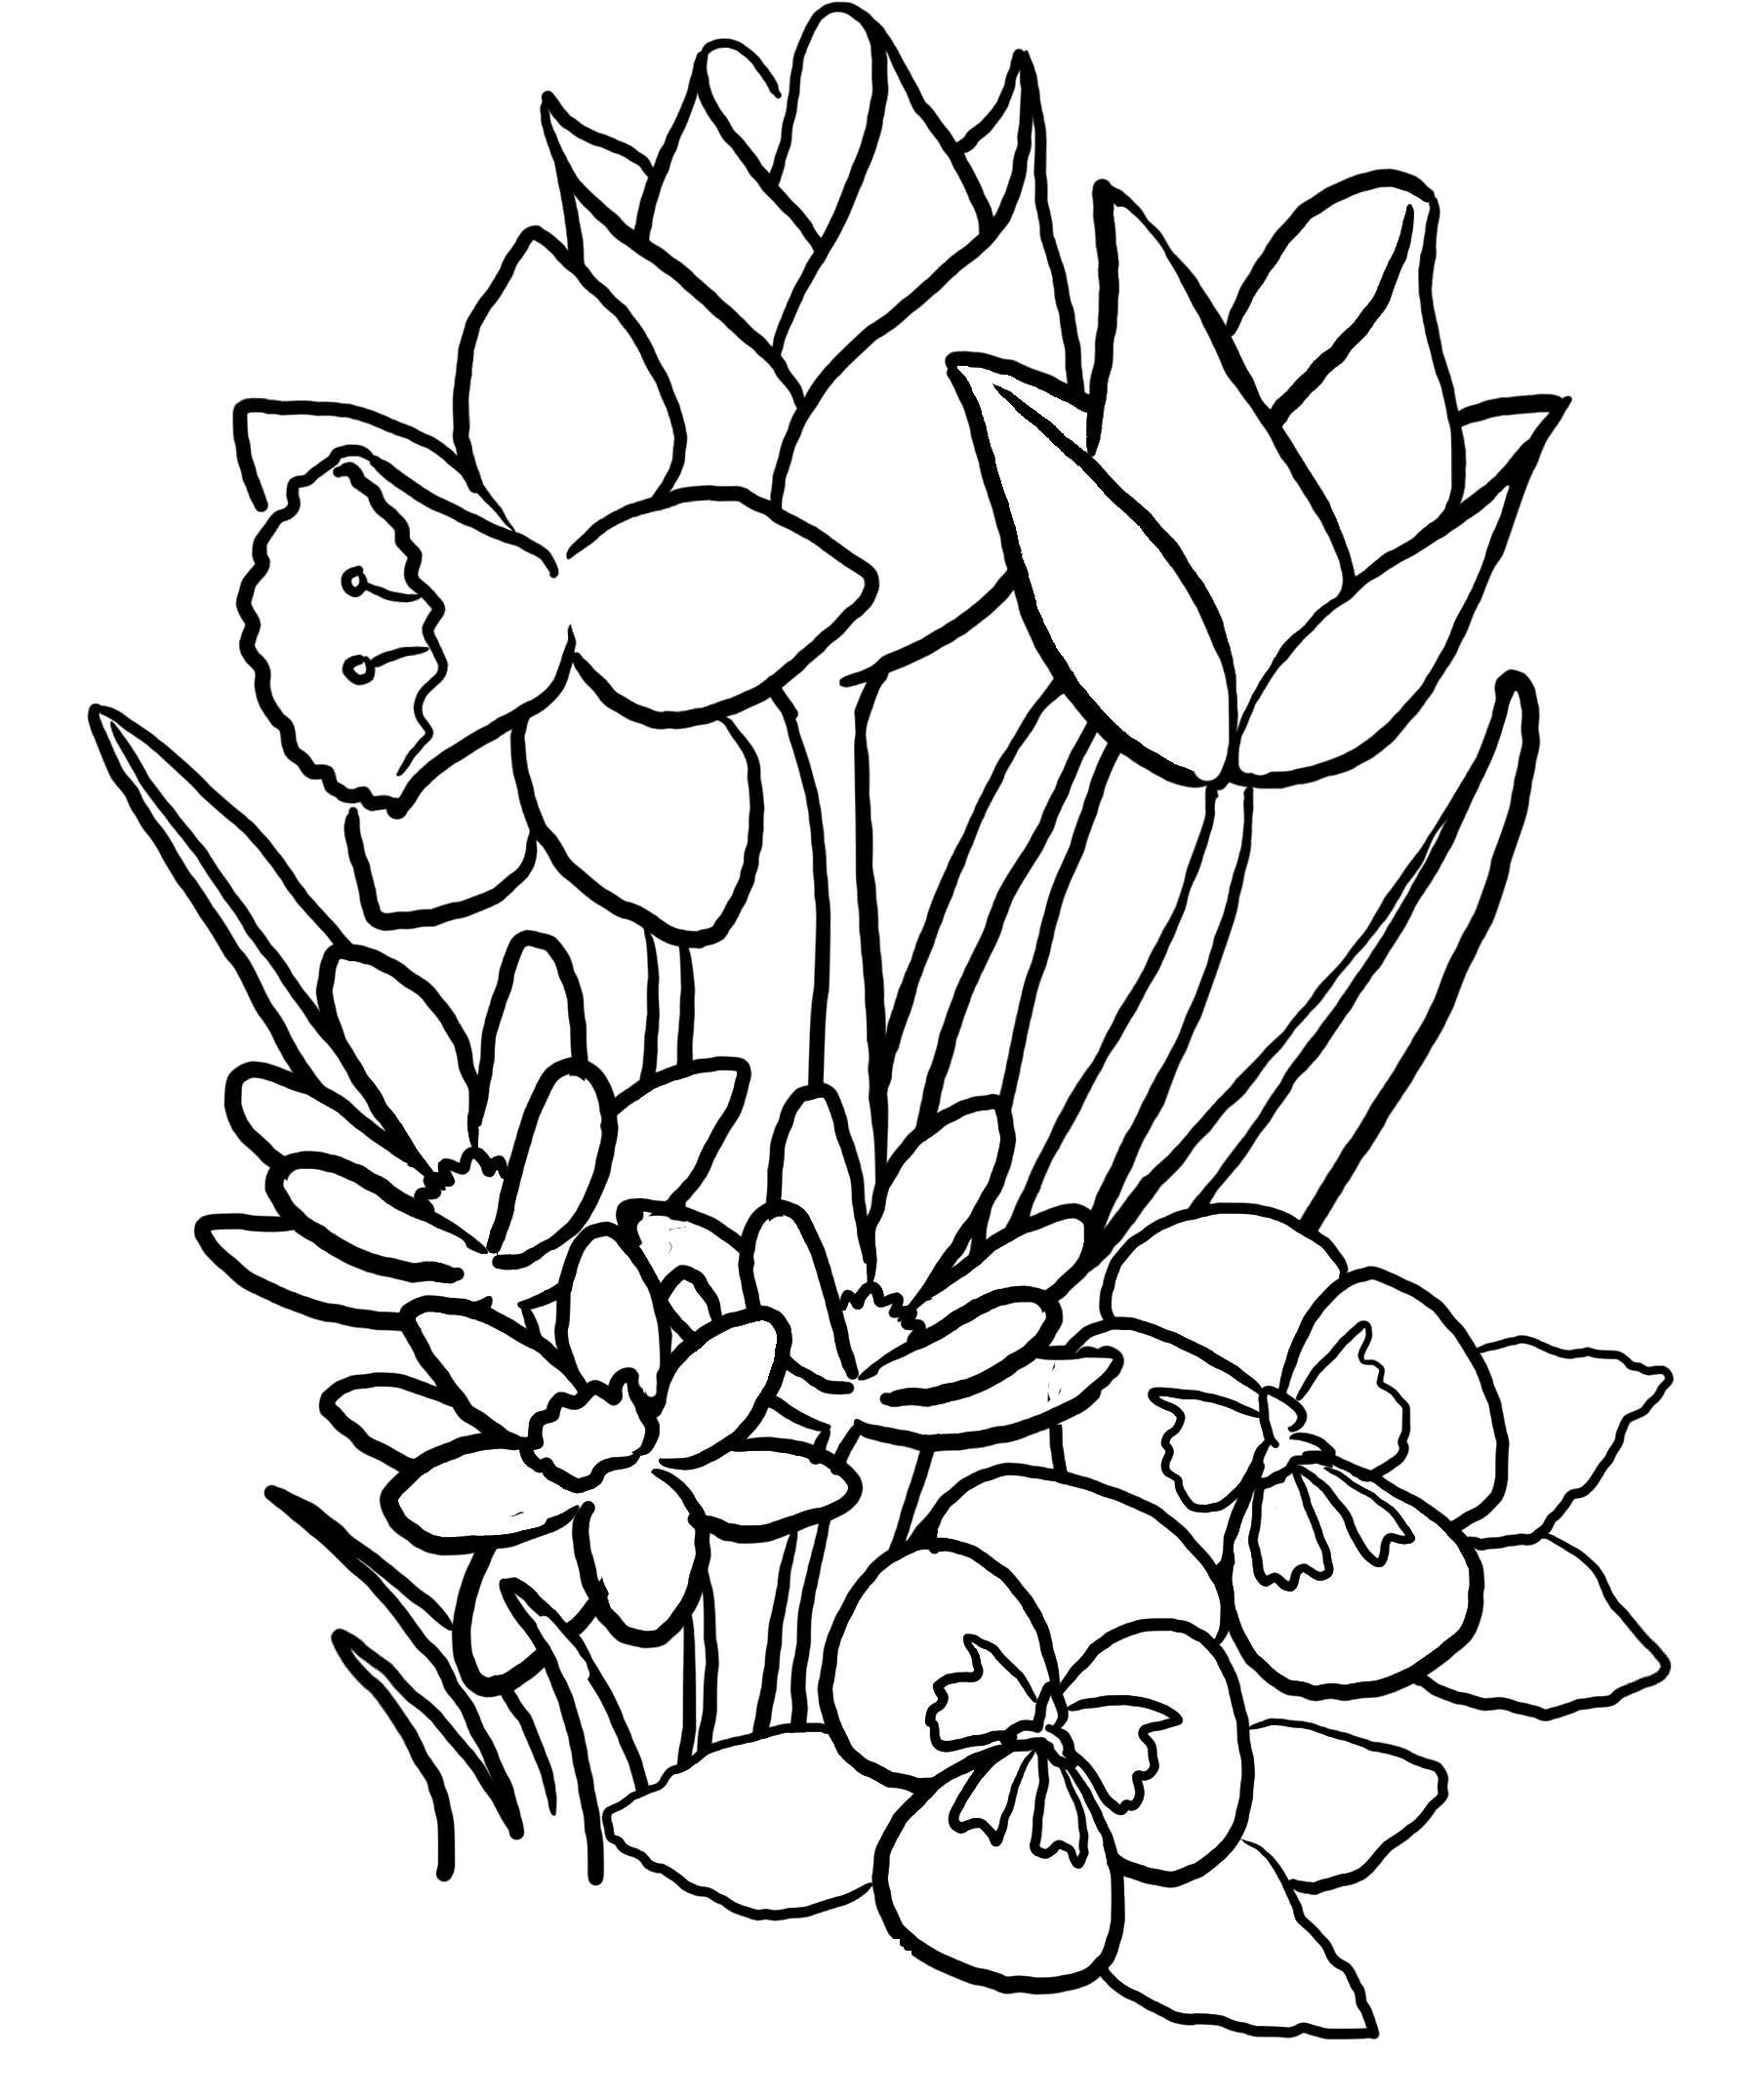 Frühlingsblumen Ausmalbilder  KonaBeun zum ausdrucken ausmalbilder frühlingsblumen